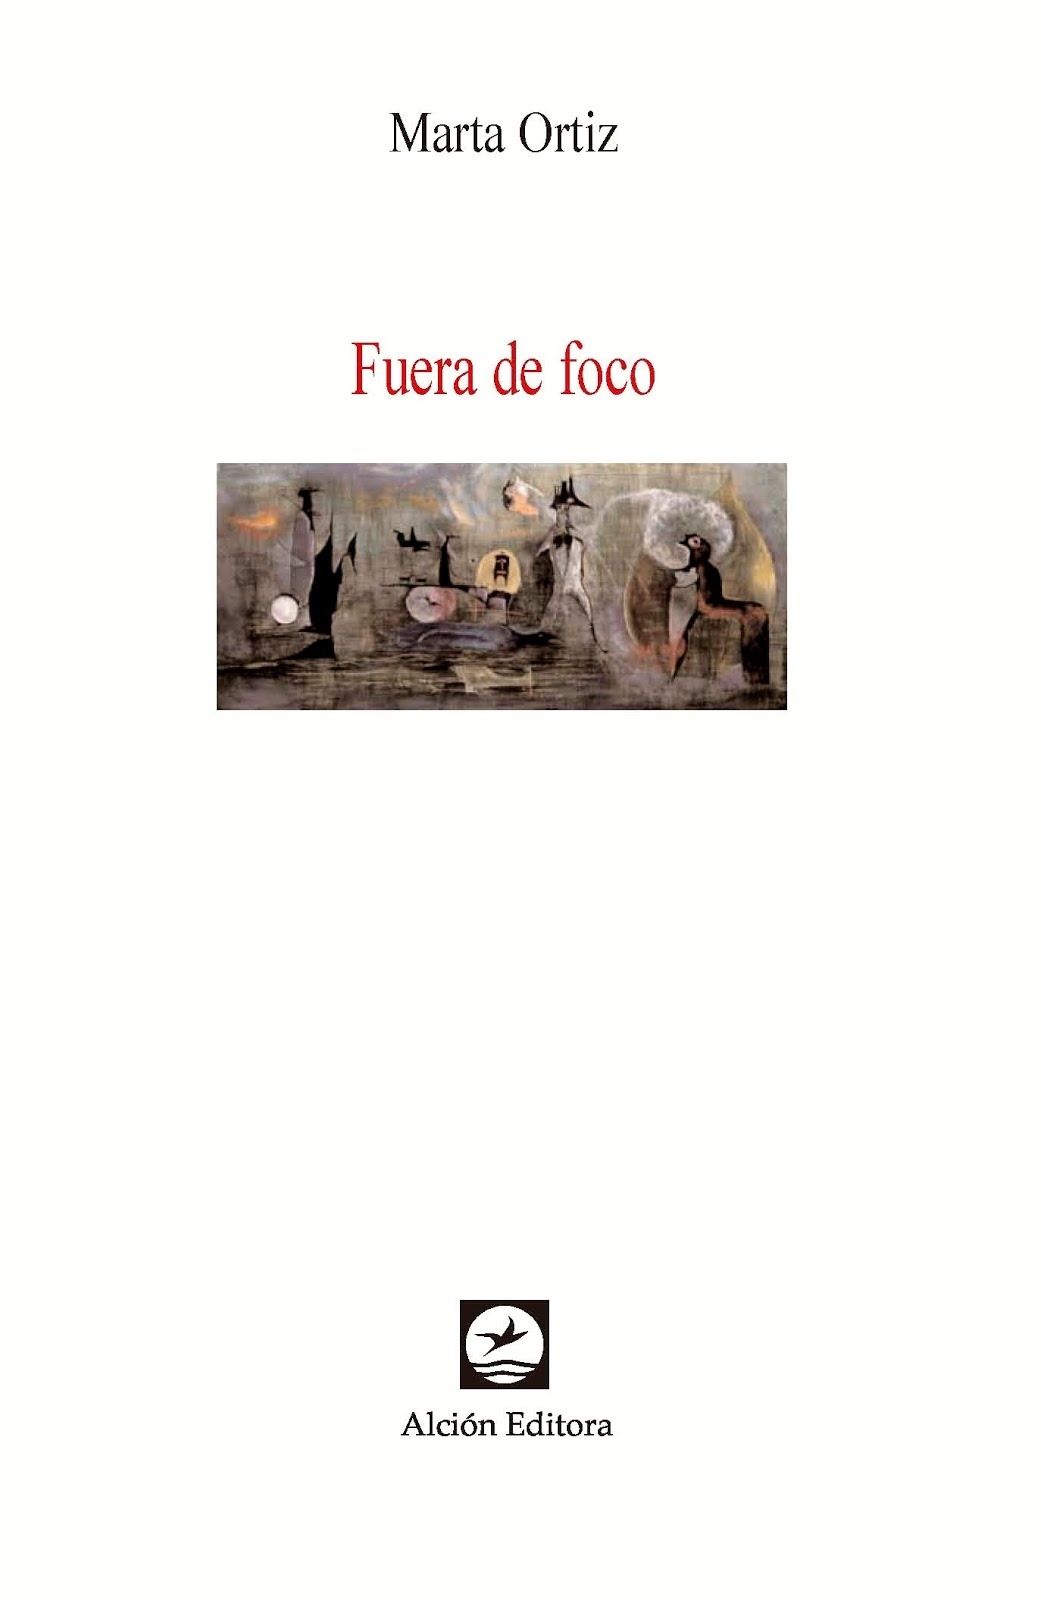 FUERA DE FOCO (poesía)